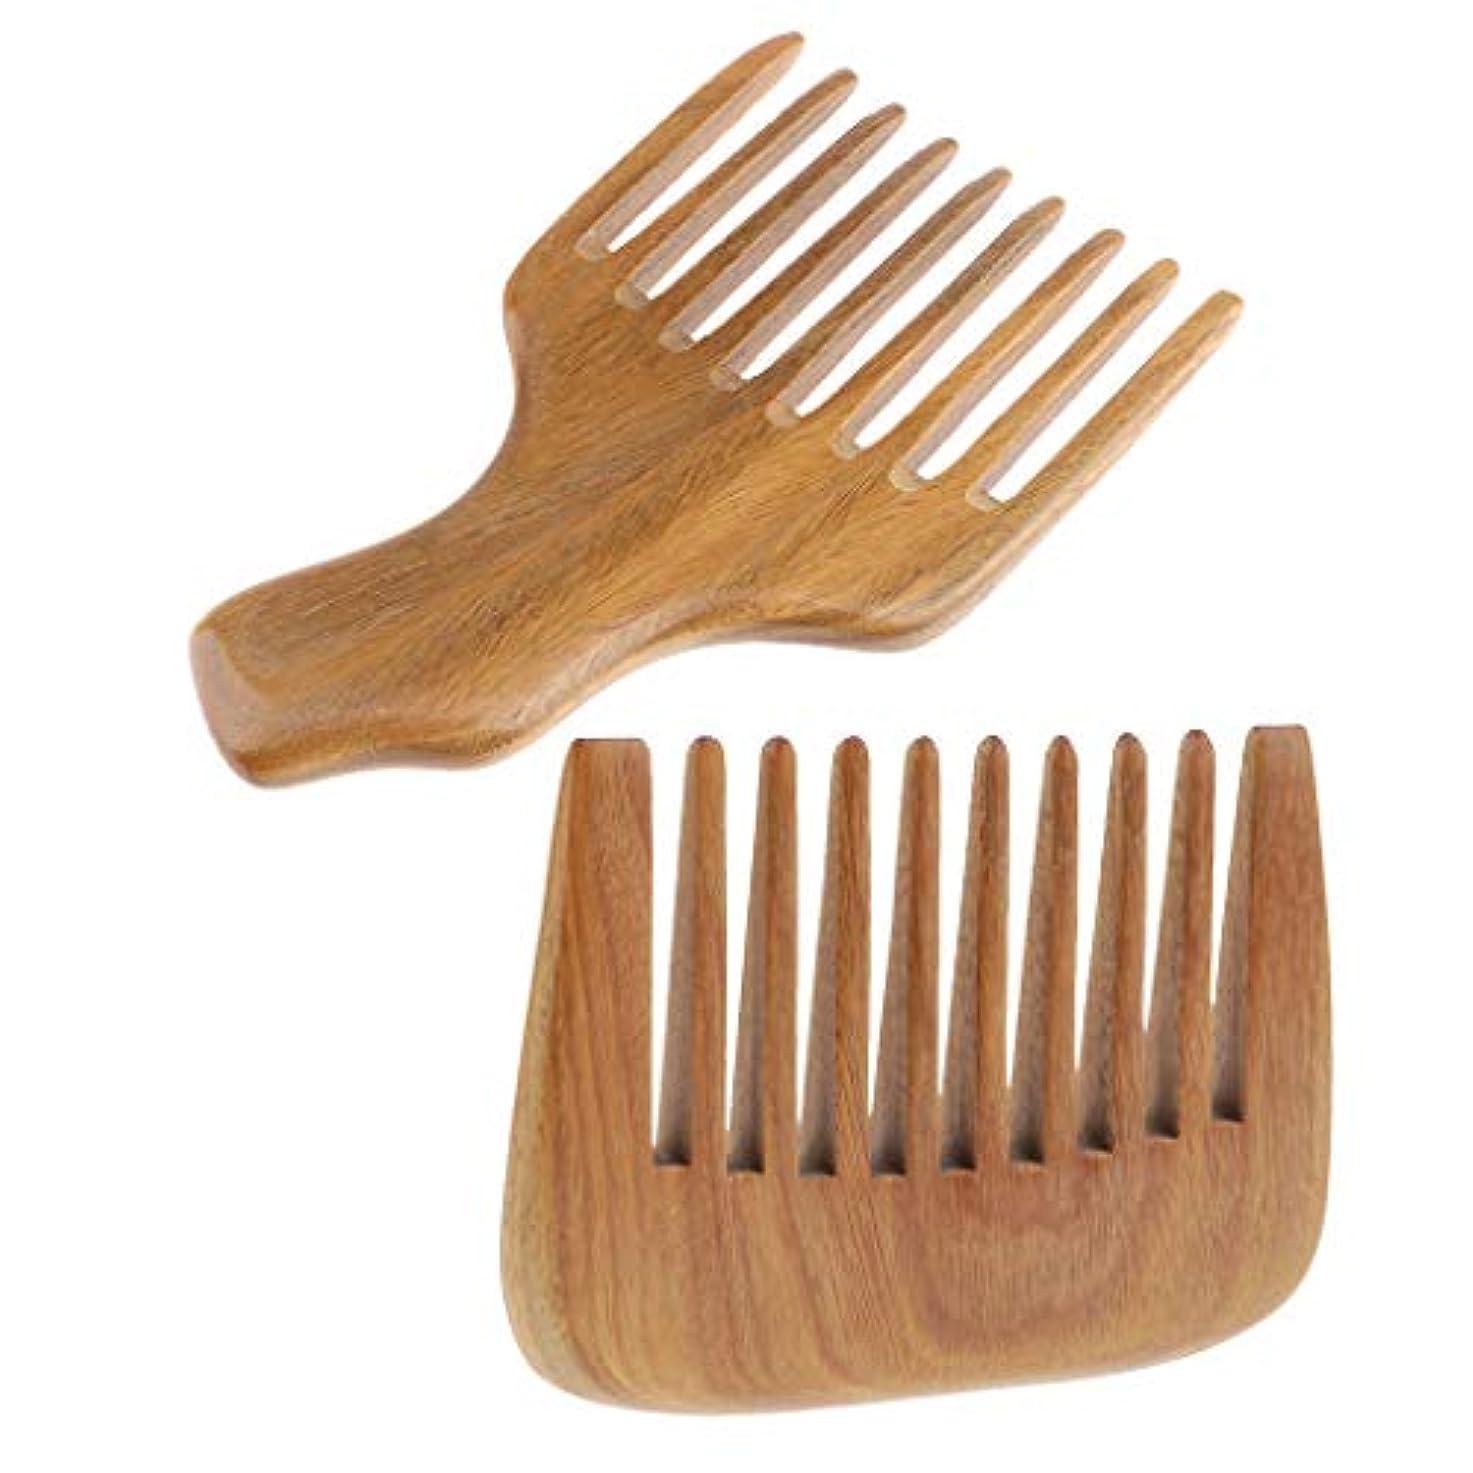 遺棄されたアロング基礎2個 木製櫛 ウッドコーム ワイド歯 ヘアーサロン 高品質